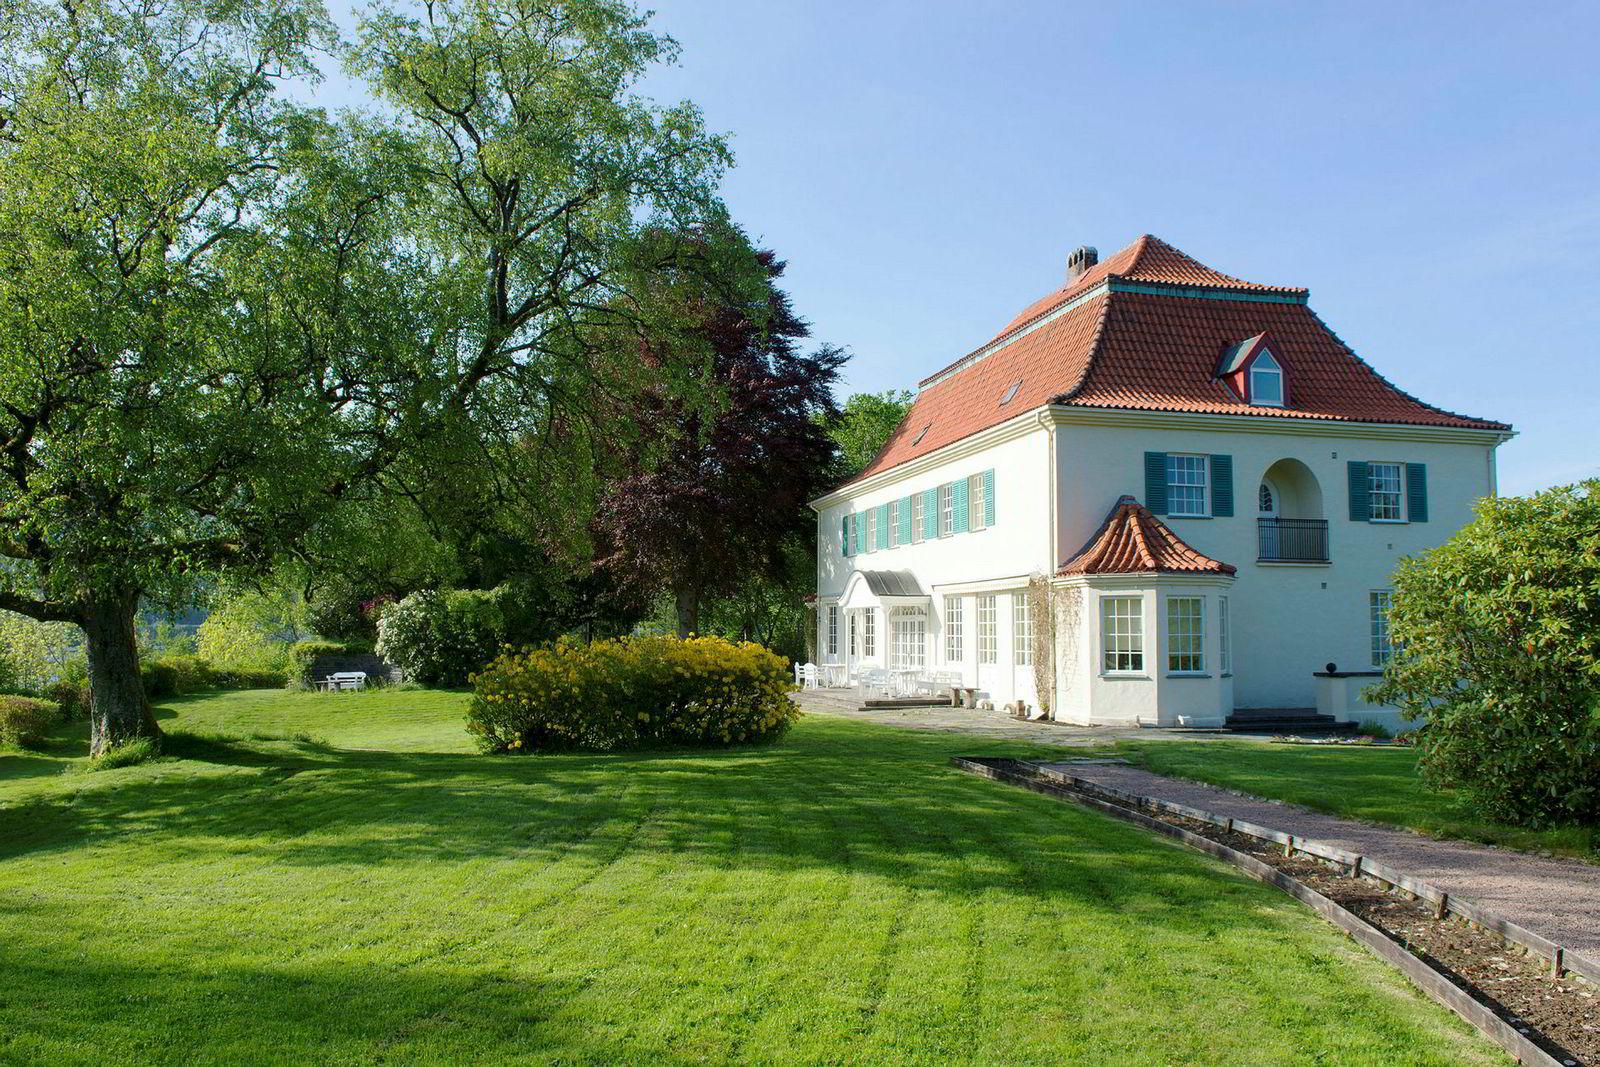 Kyrre Gørvell-Dahll satte prisrekord i Bergen forrige måned da han kjøpte denne boligen.